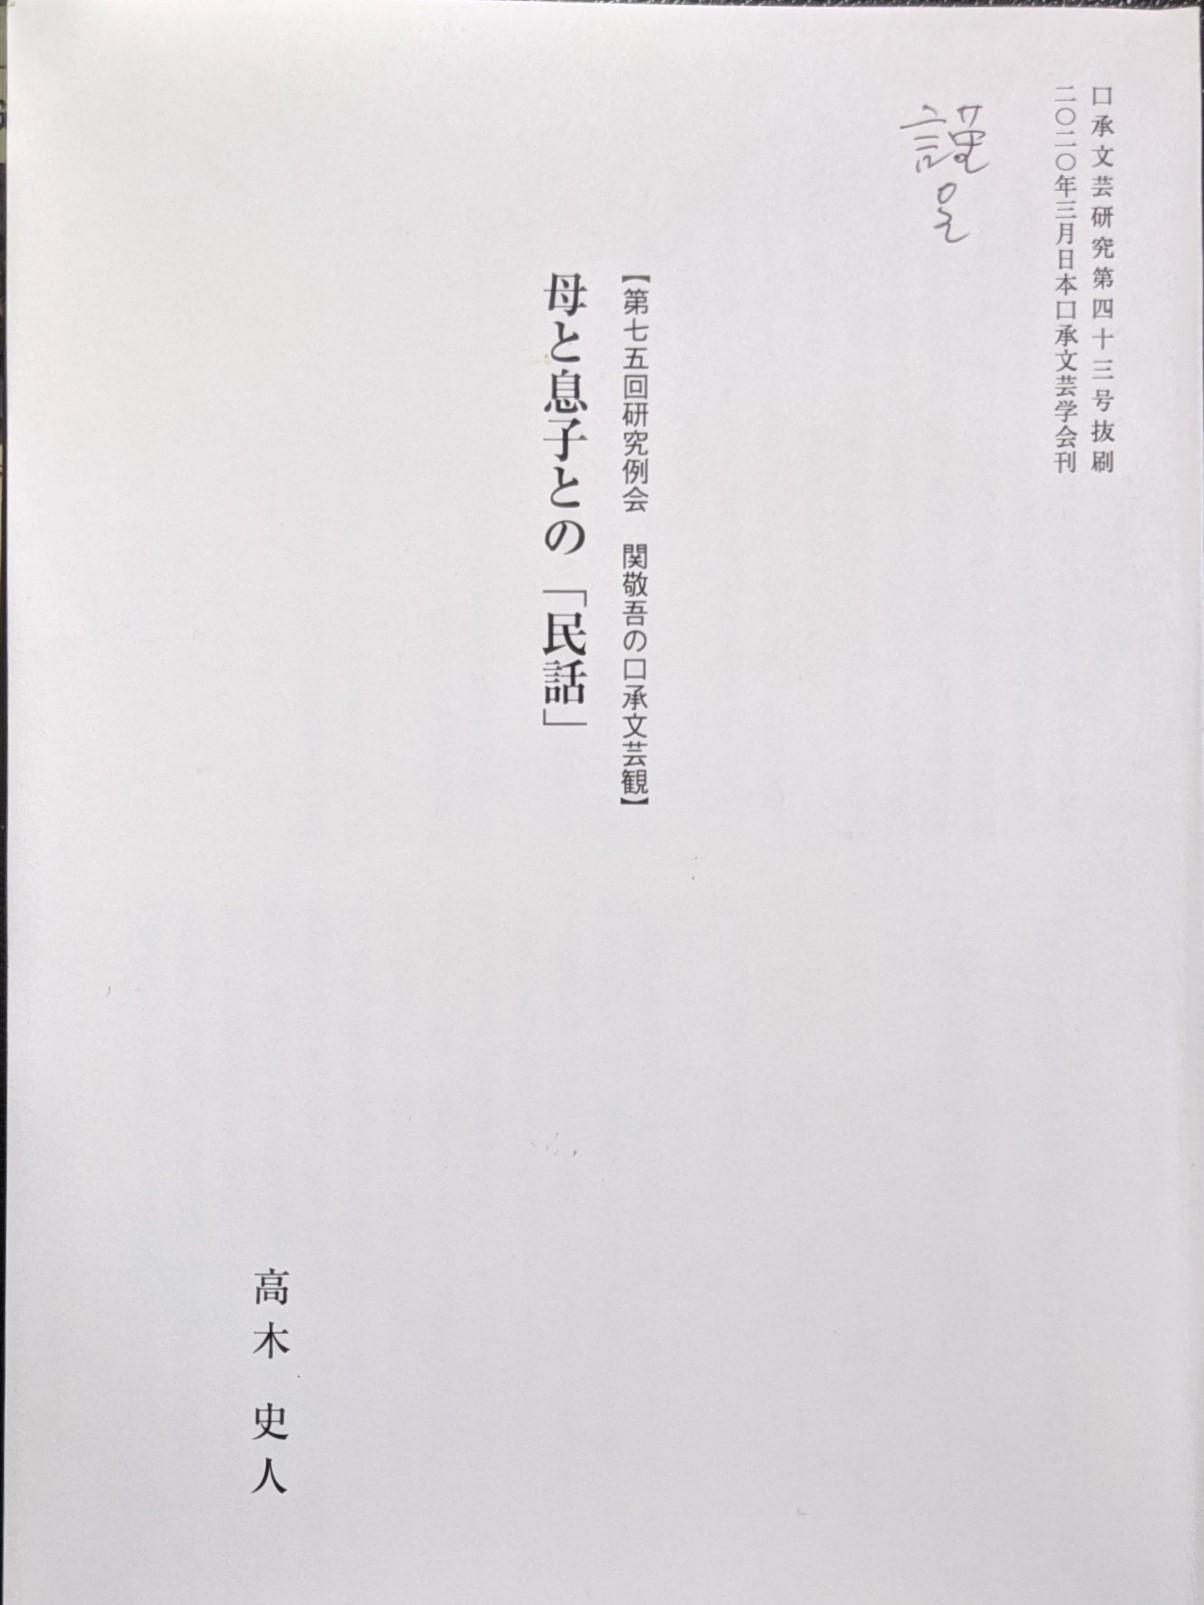 PXL_20210420_021035671.jpg